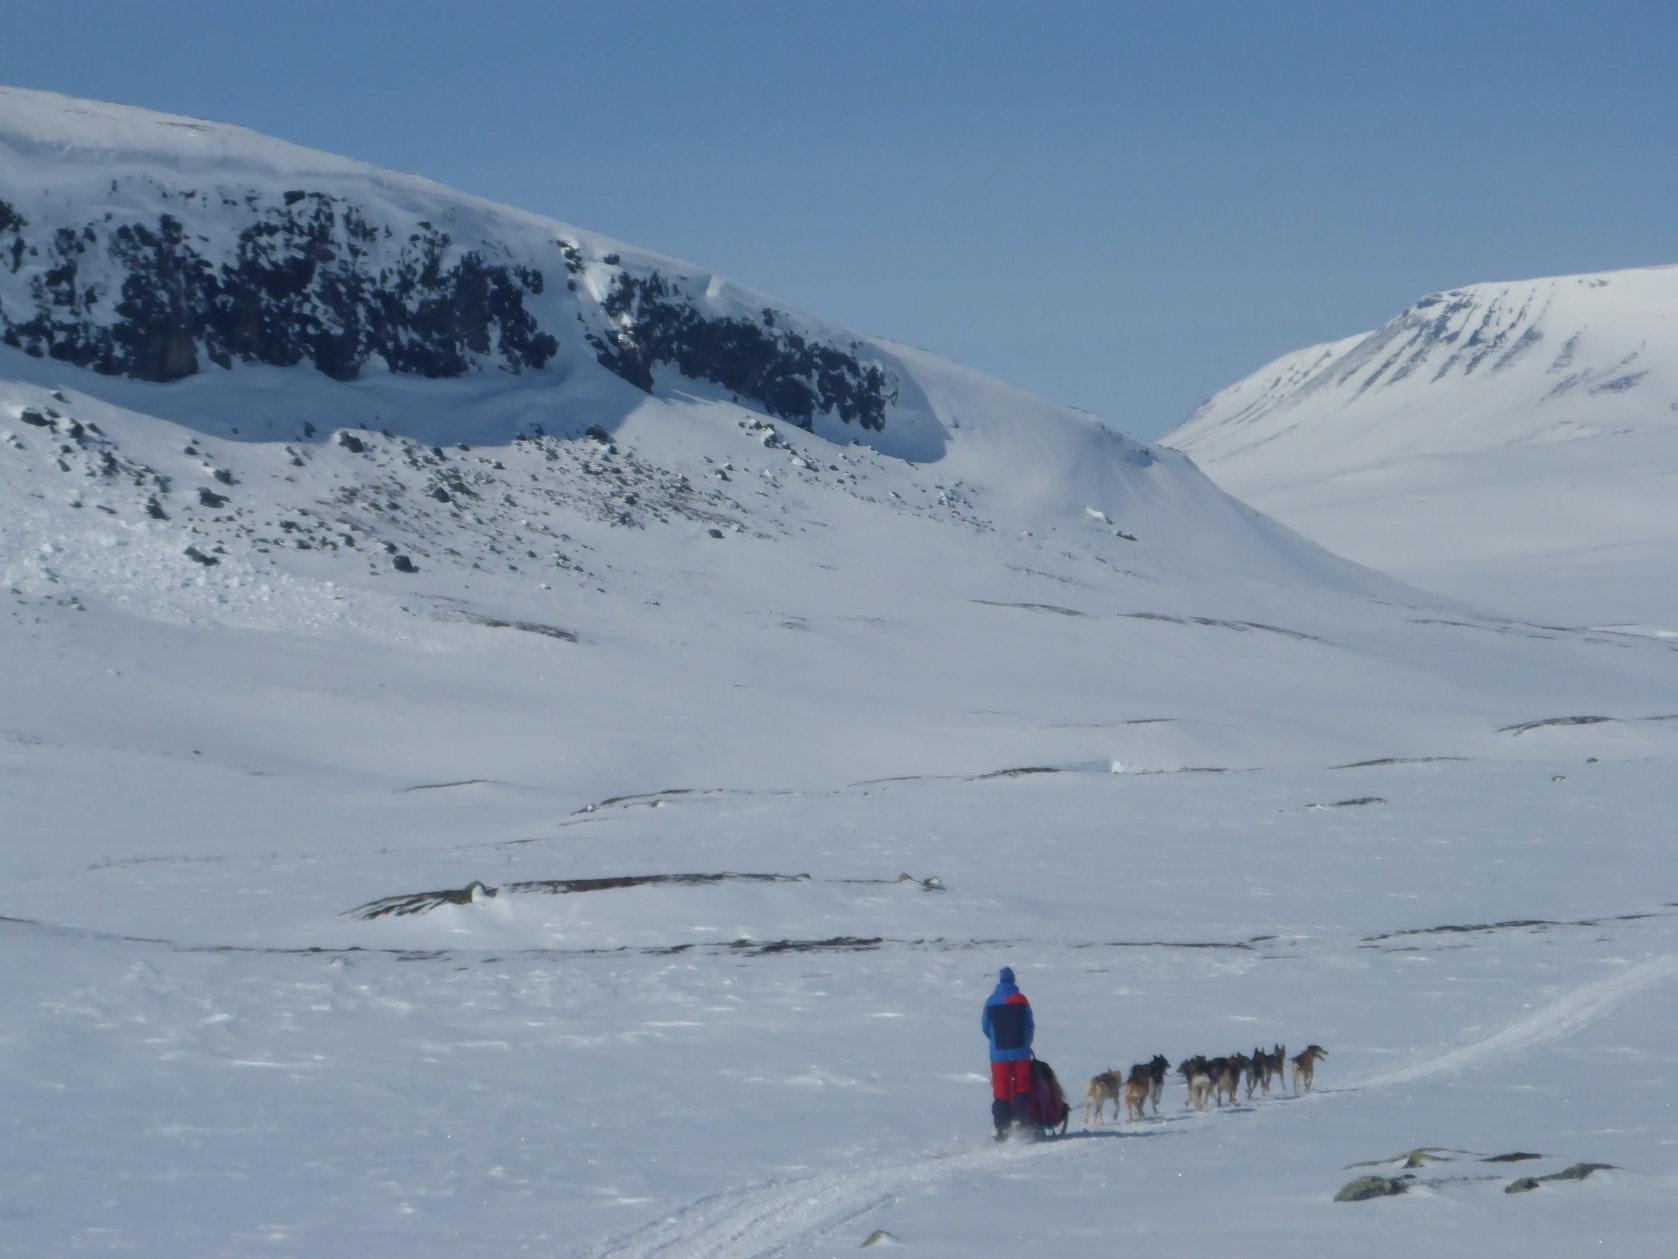 wintertour_mountaintour_expedition_8